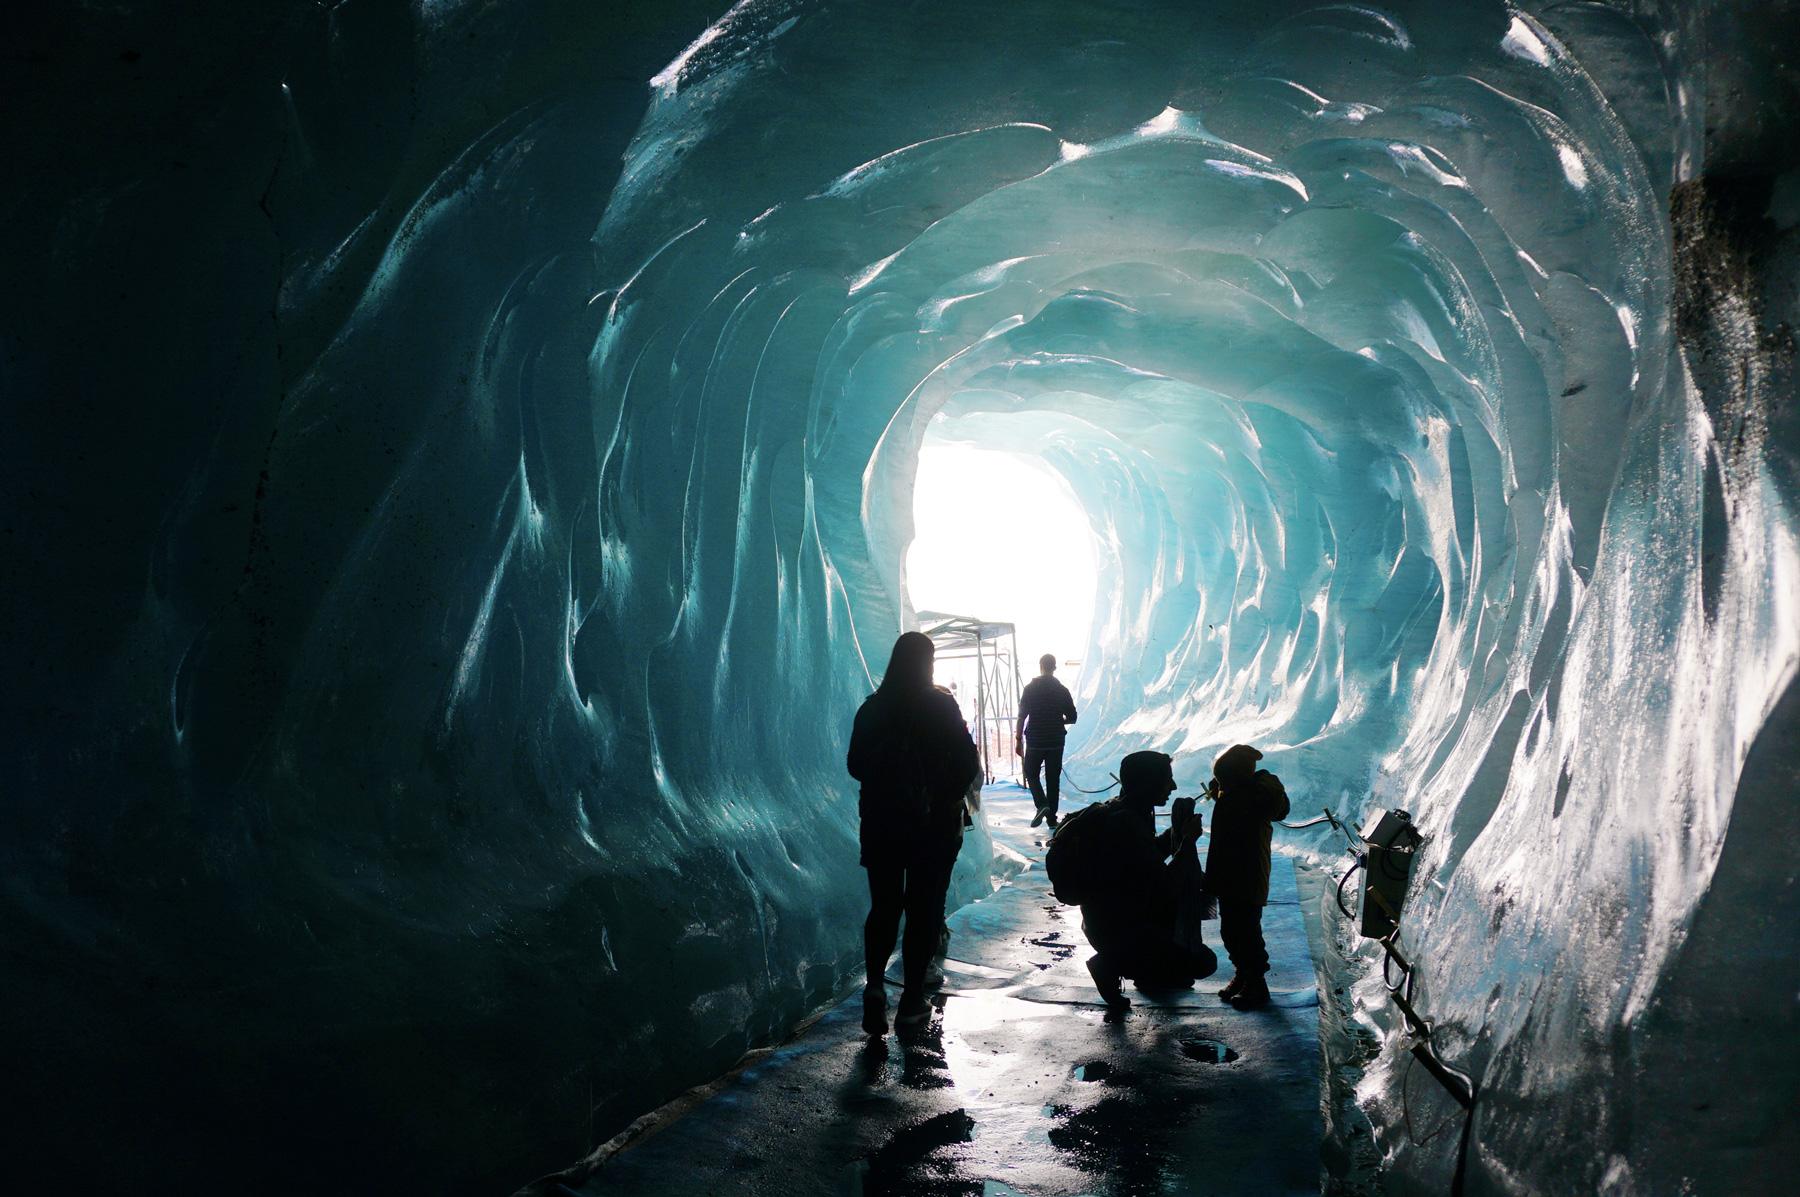 A l'intérieur de la grotte de glace - Chamonix